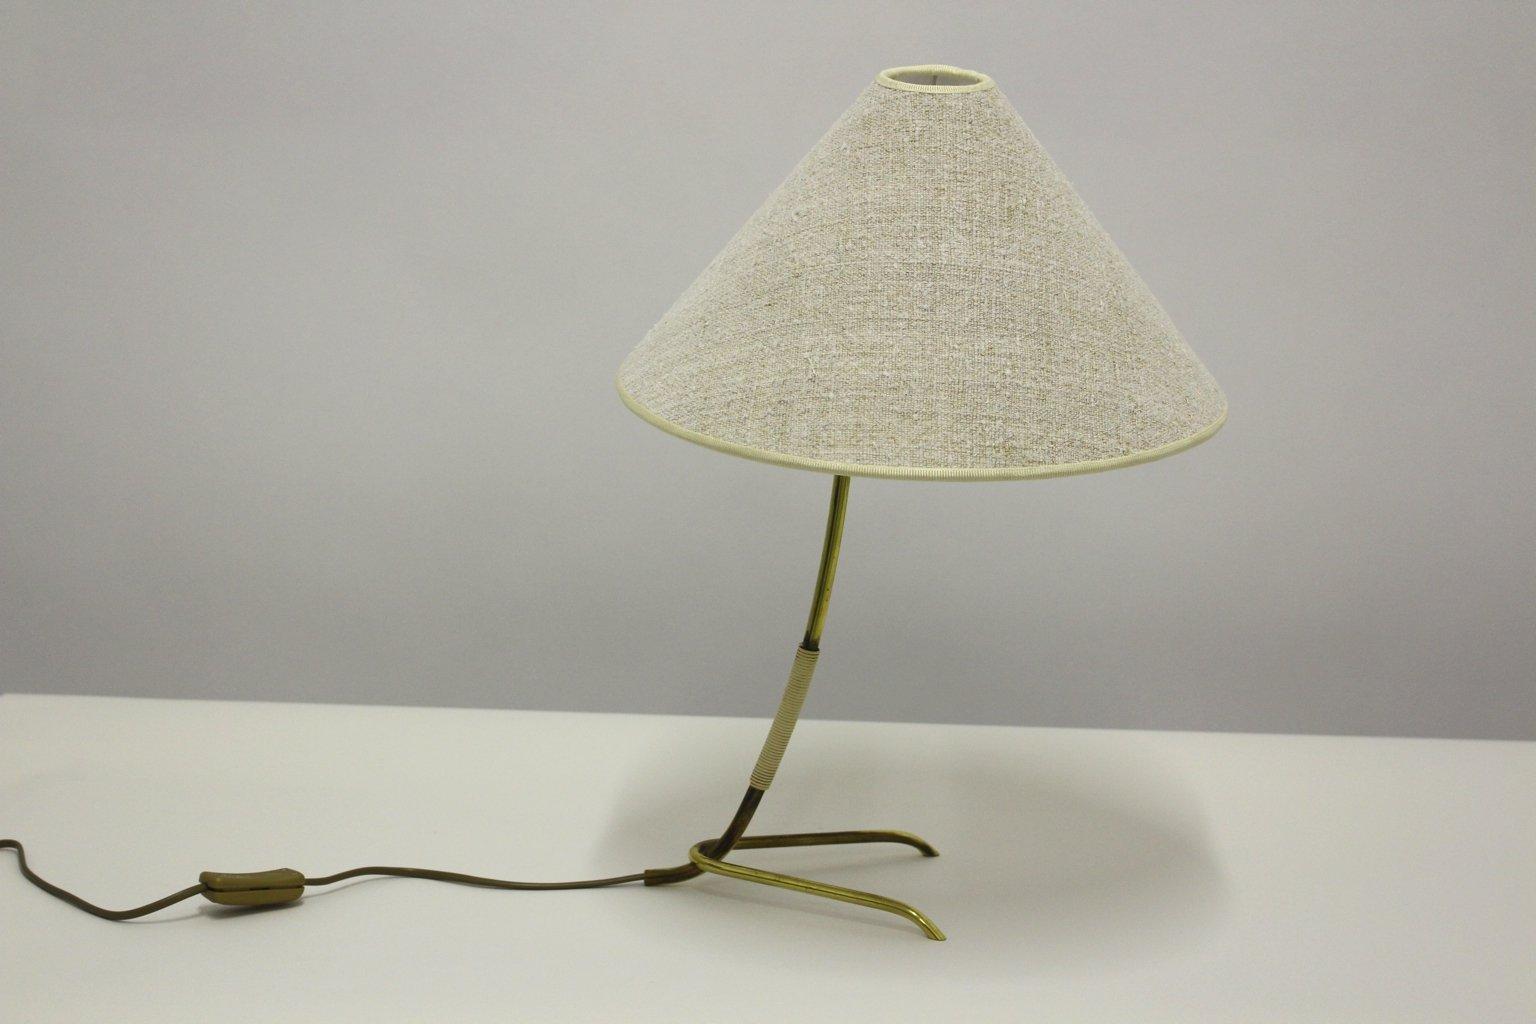 Häschen Modell Tischlampe von J.T. Kalmar, 1960er